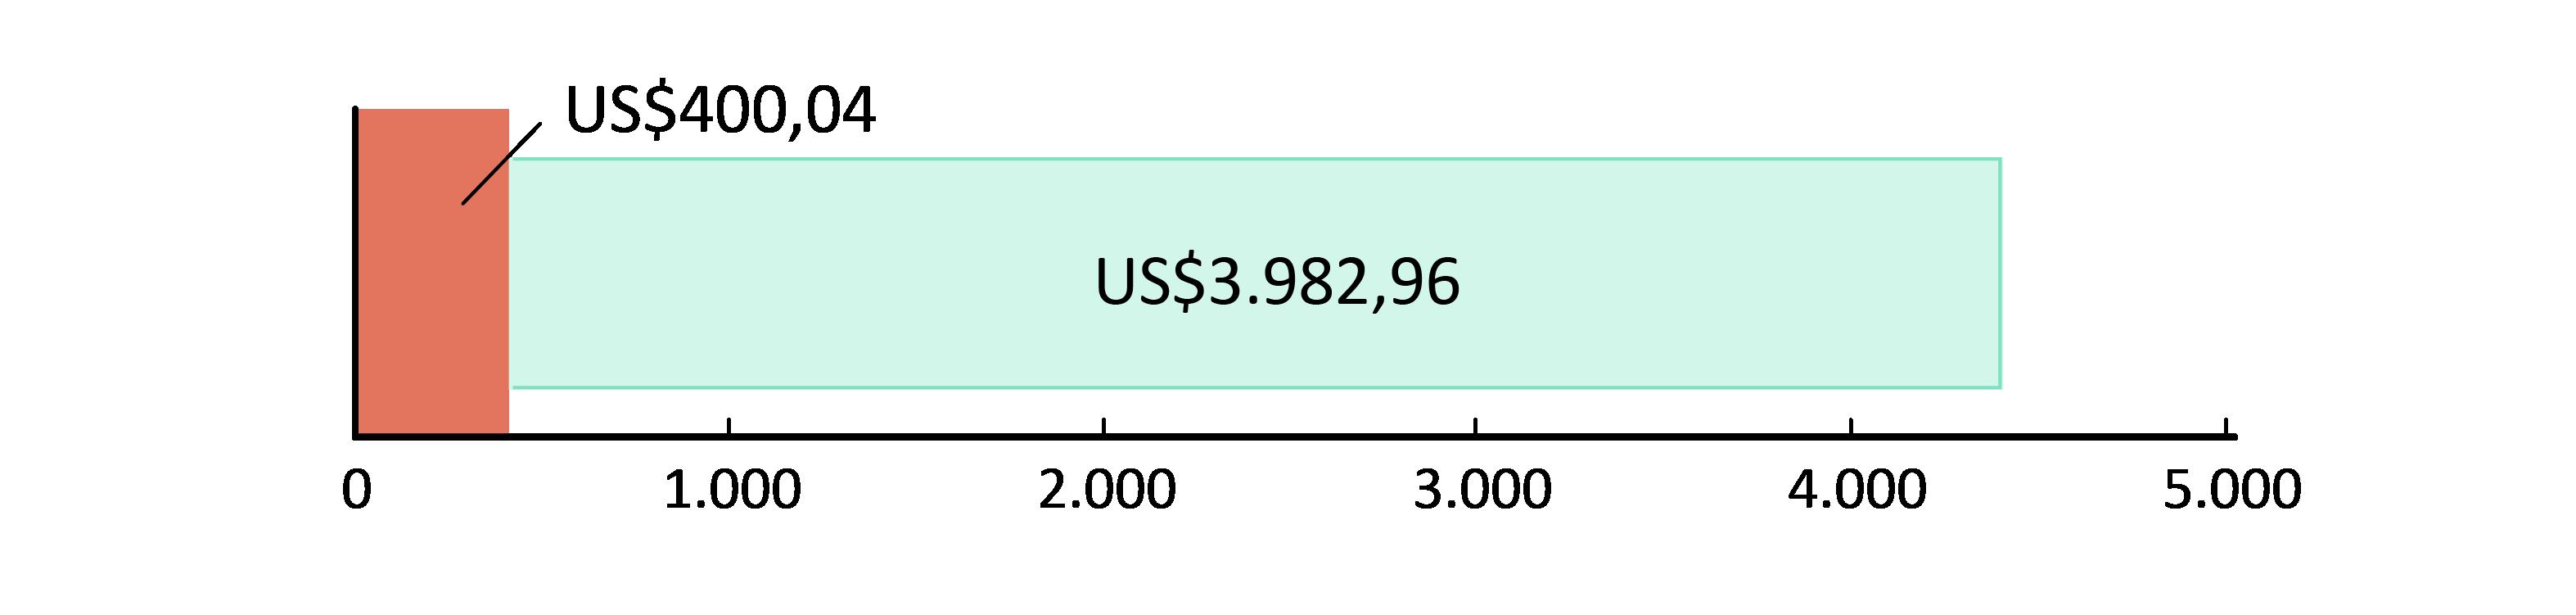 US$400,04 fueron usados; US$3.982,96 restan